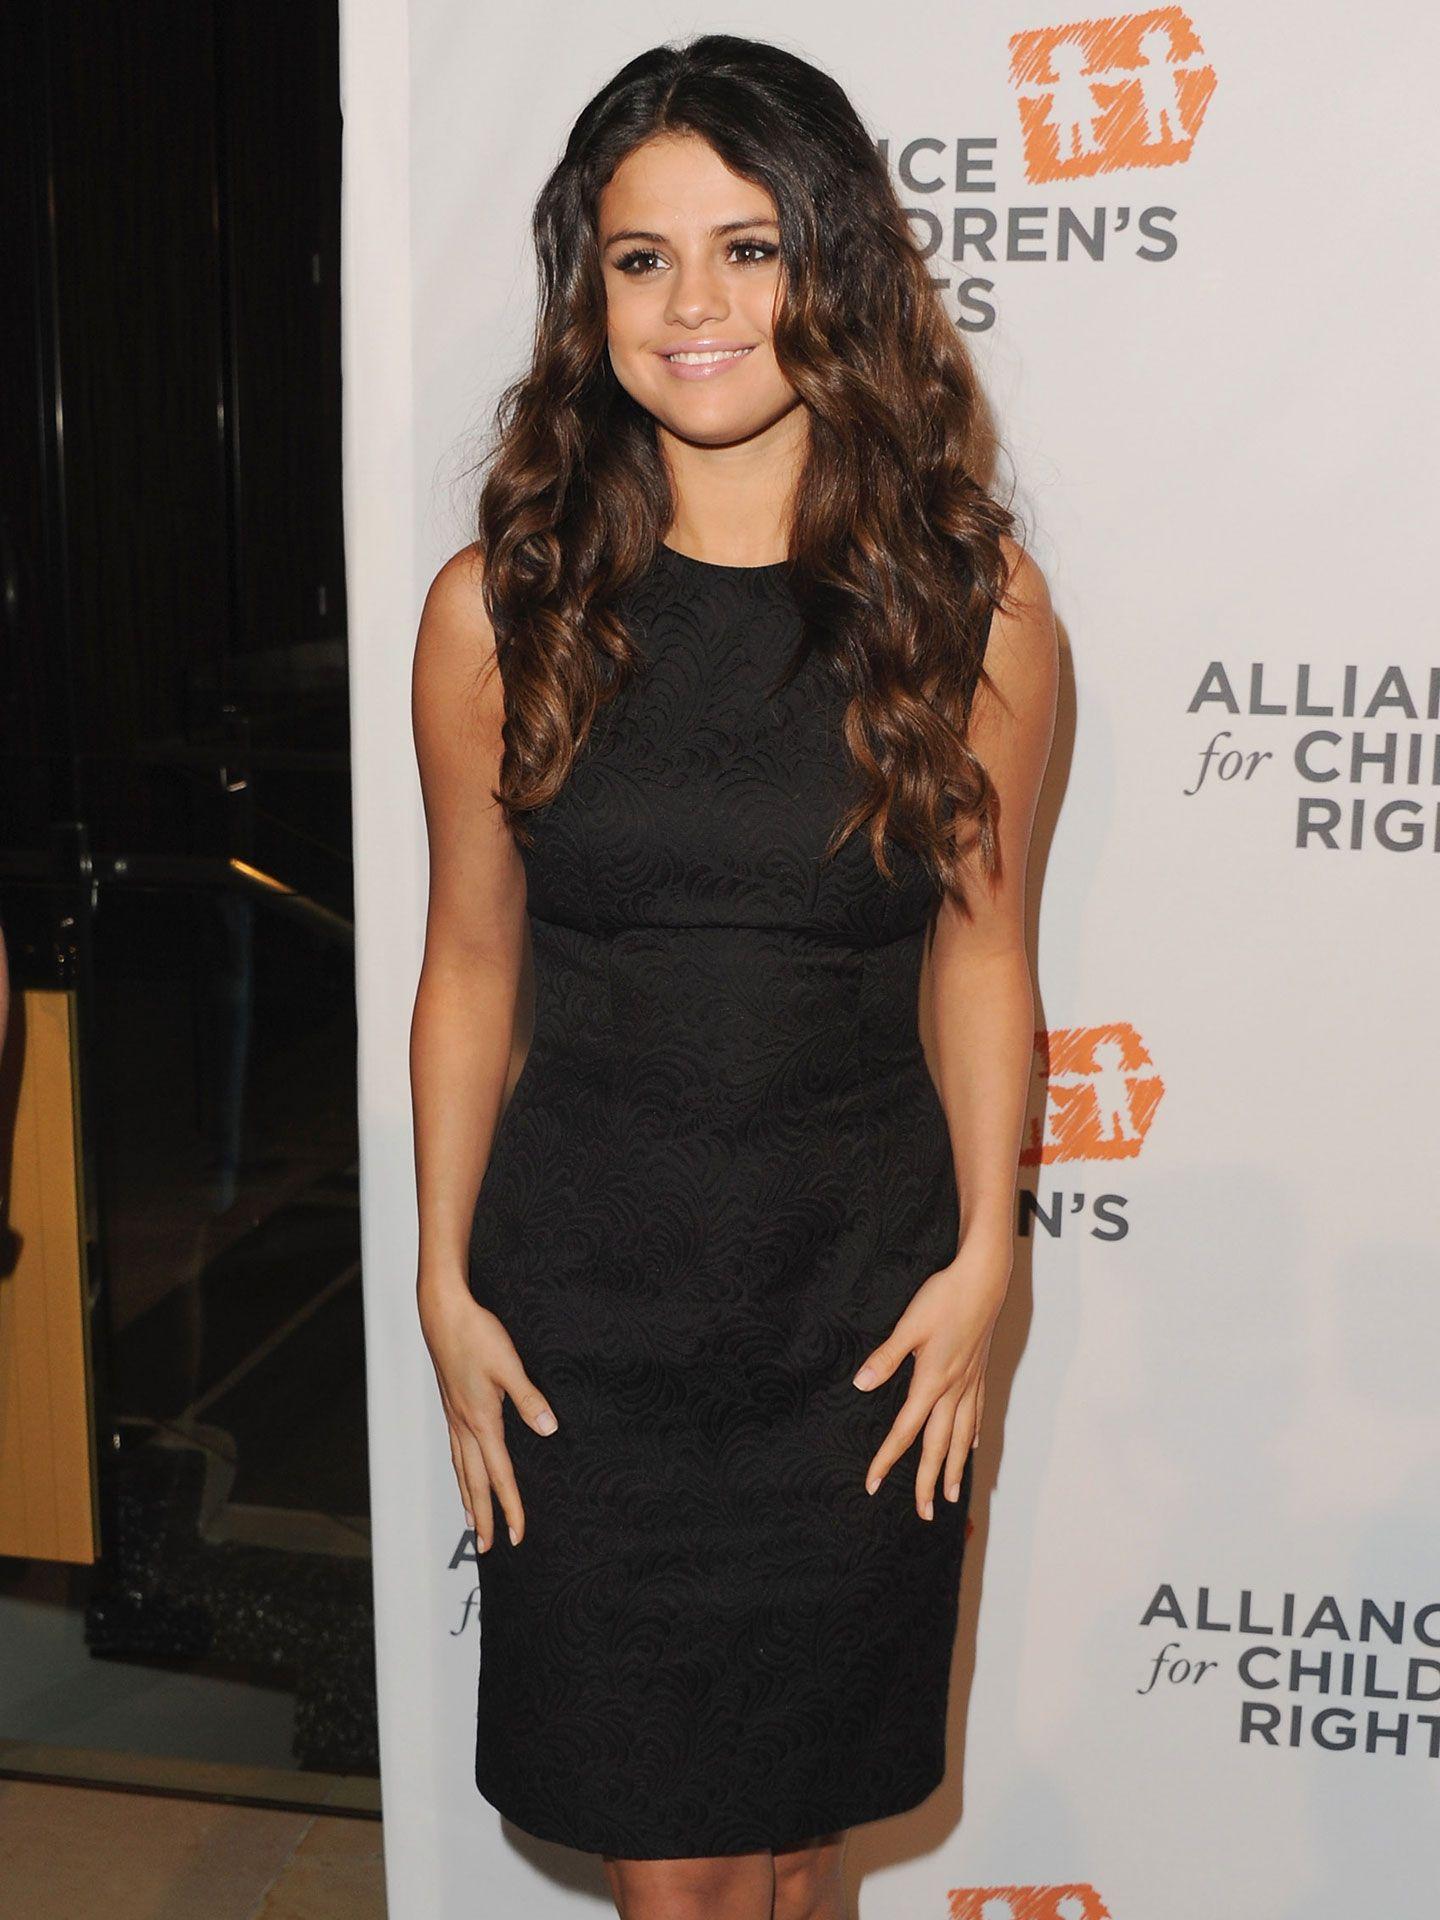 c9c11730dbb3 Selena Gomez Pictures - Pics of Selena Gomez Through the Years